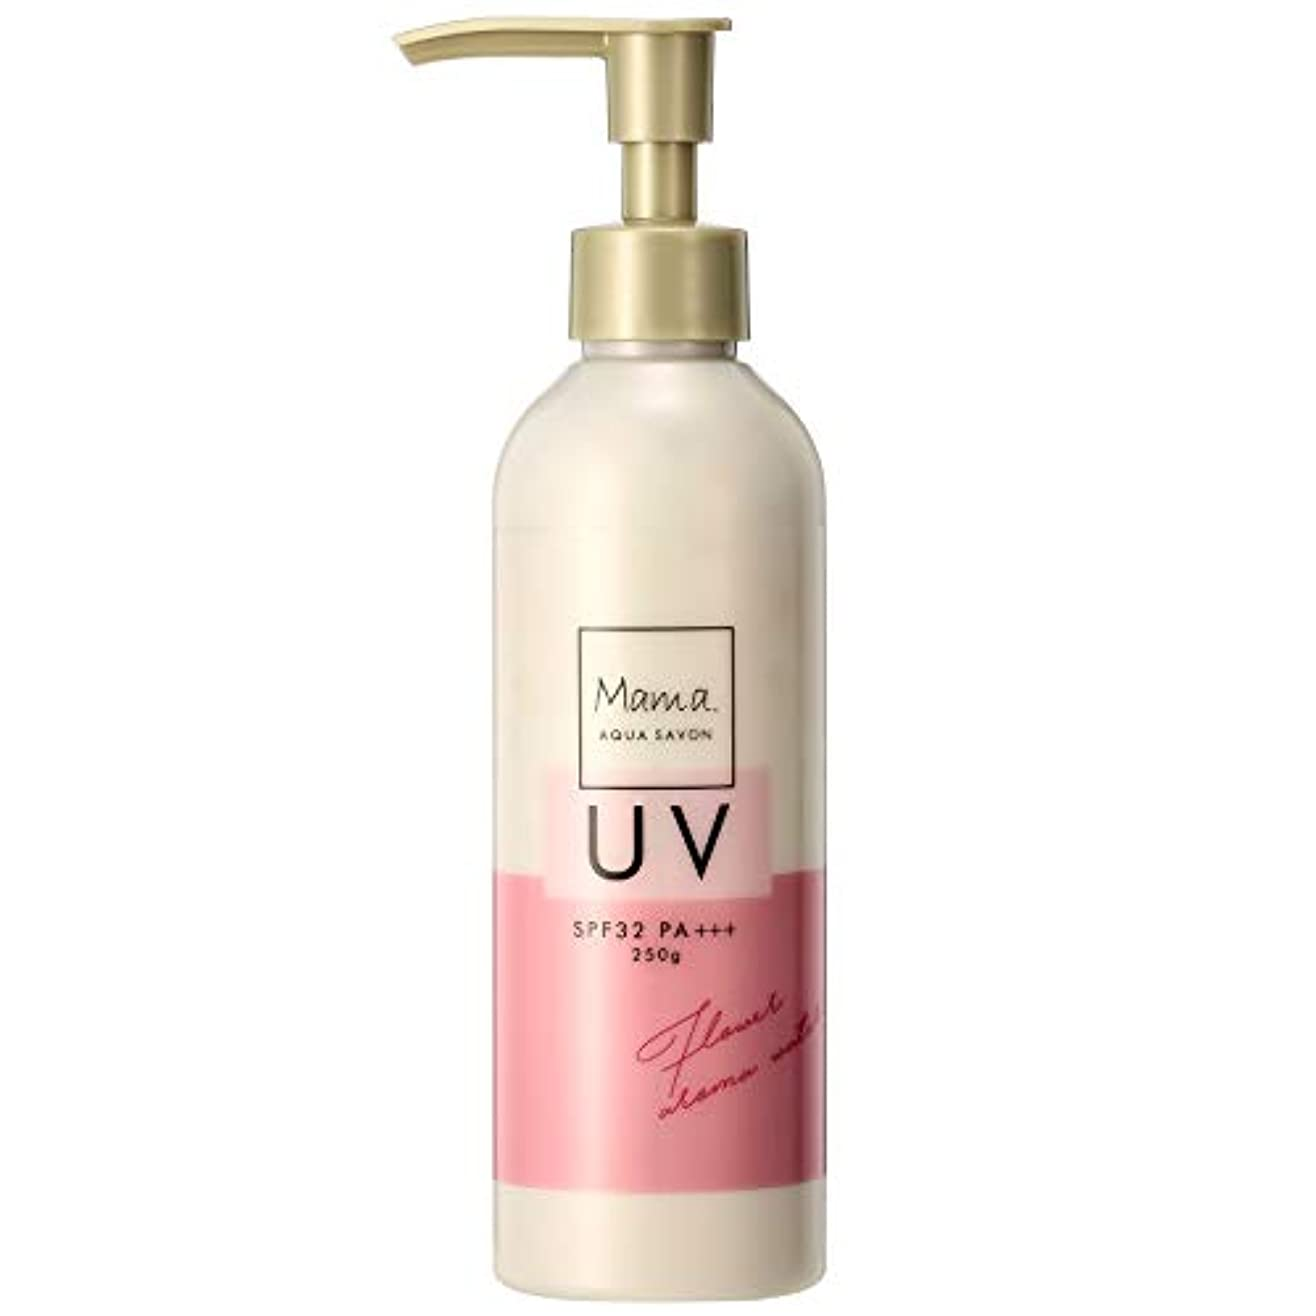 治す剛性ペーストママアクアシャボン UVモイストジェル フラワーアロマウォーターの香り 19S 250g